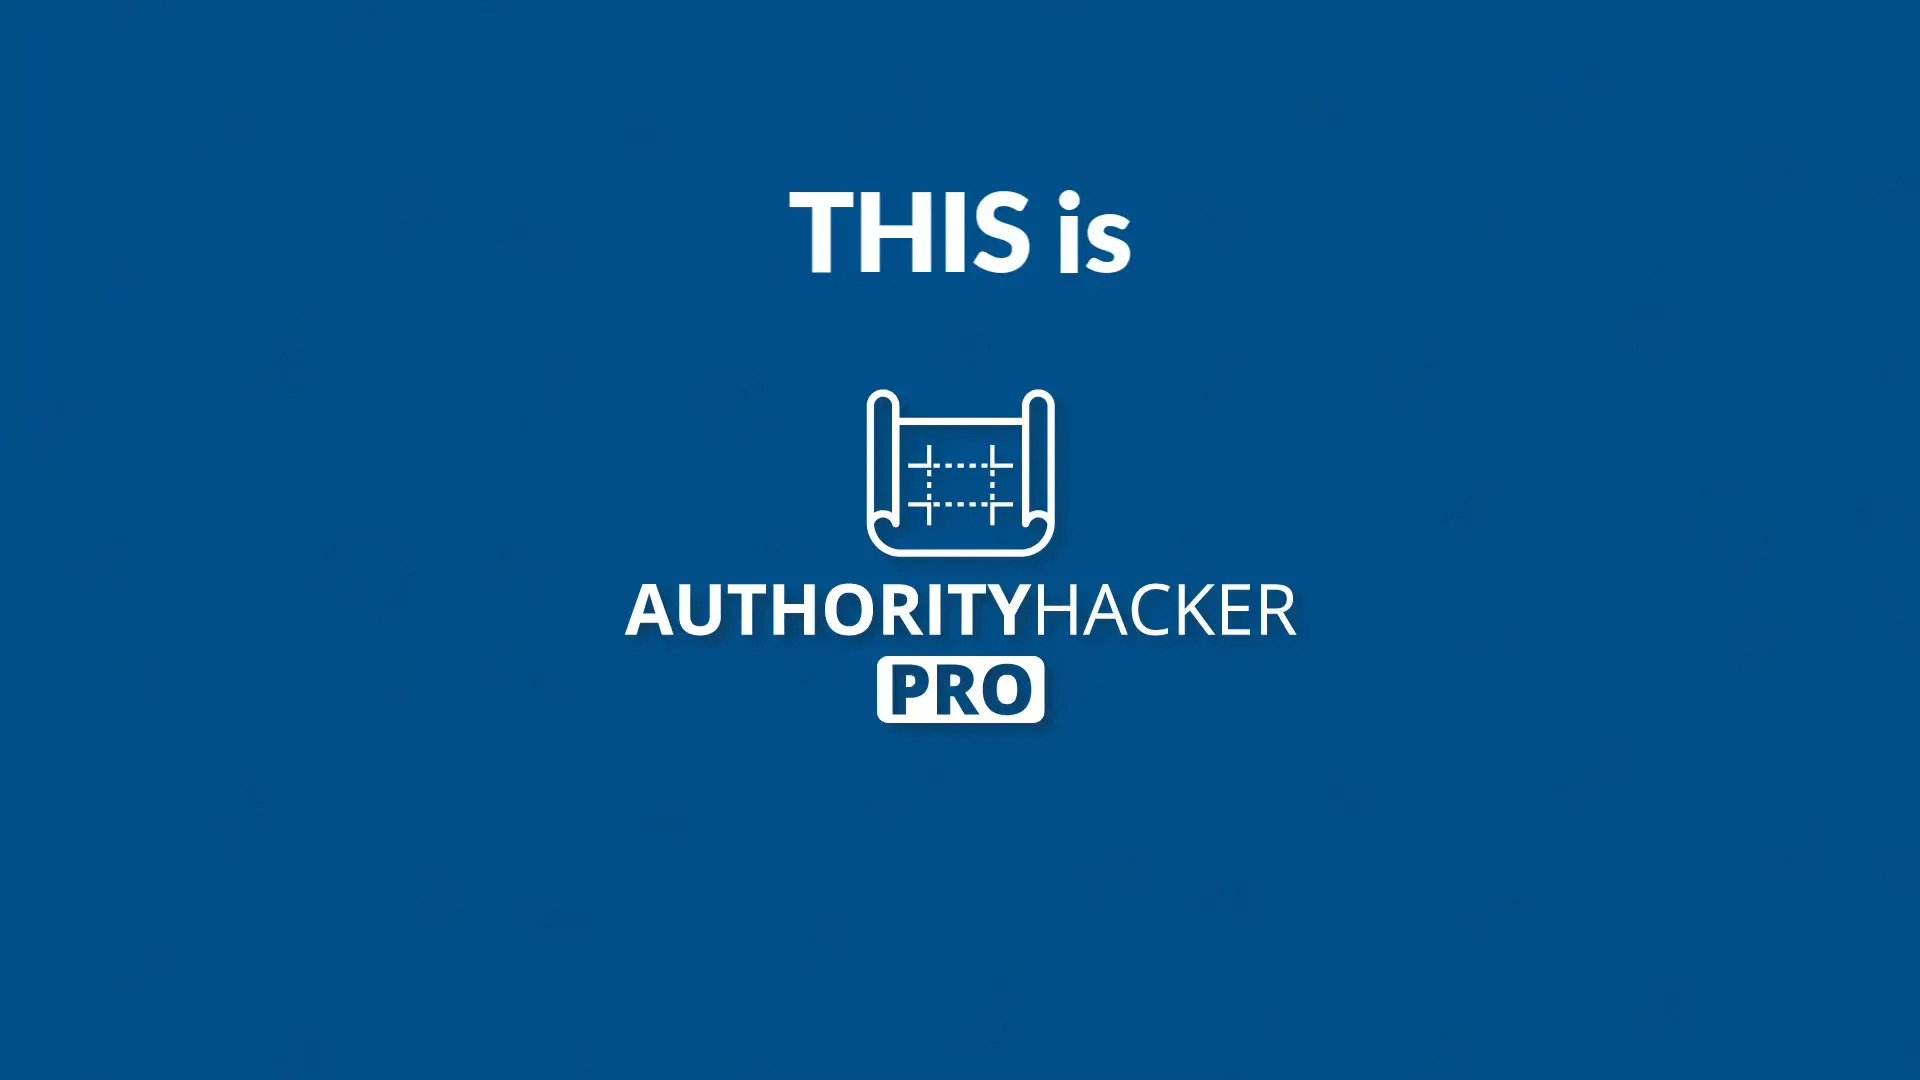 Authority Hacker Pro